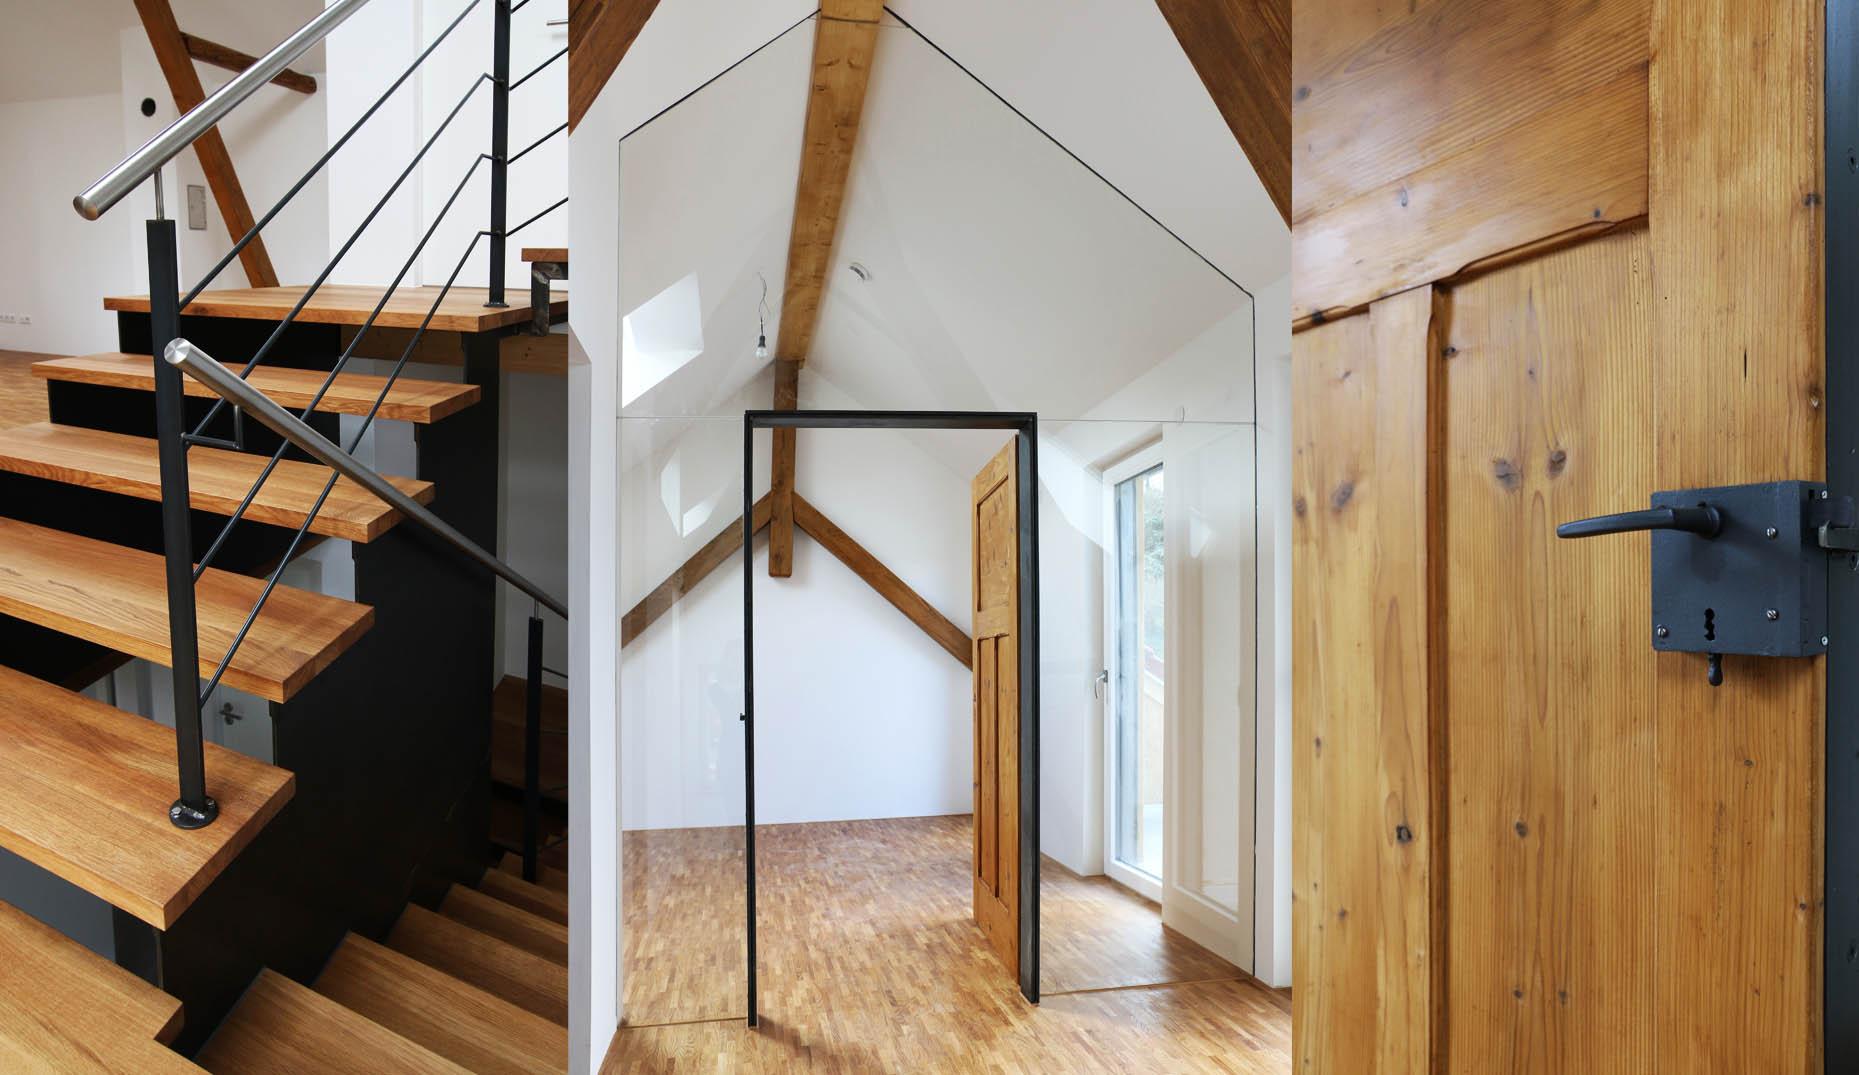 Ein sanierter Altbau mit rustikalen Türen